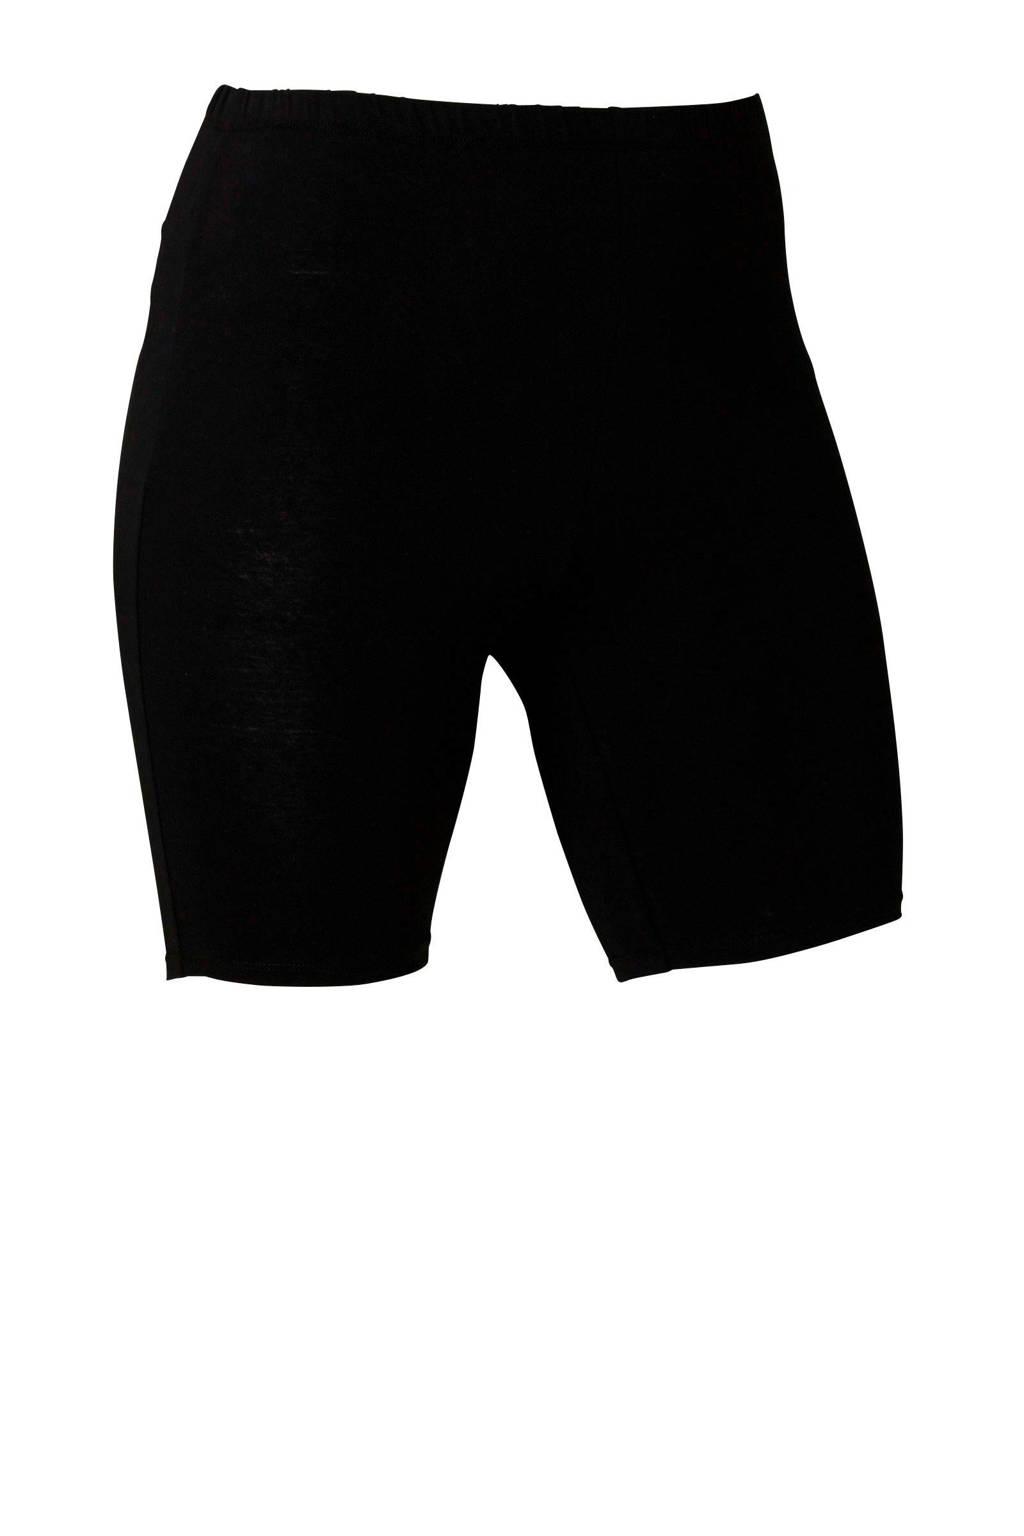 anytime korte legging zwart, Zwart